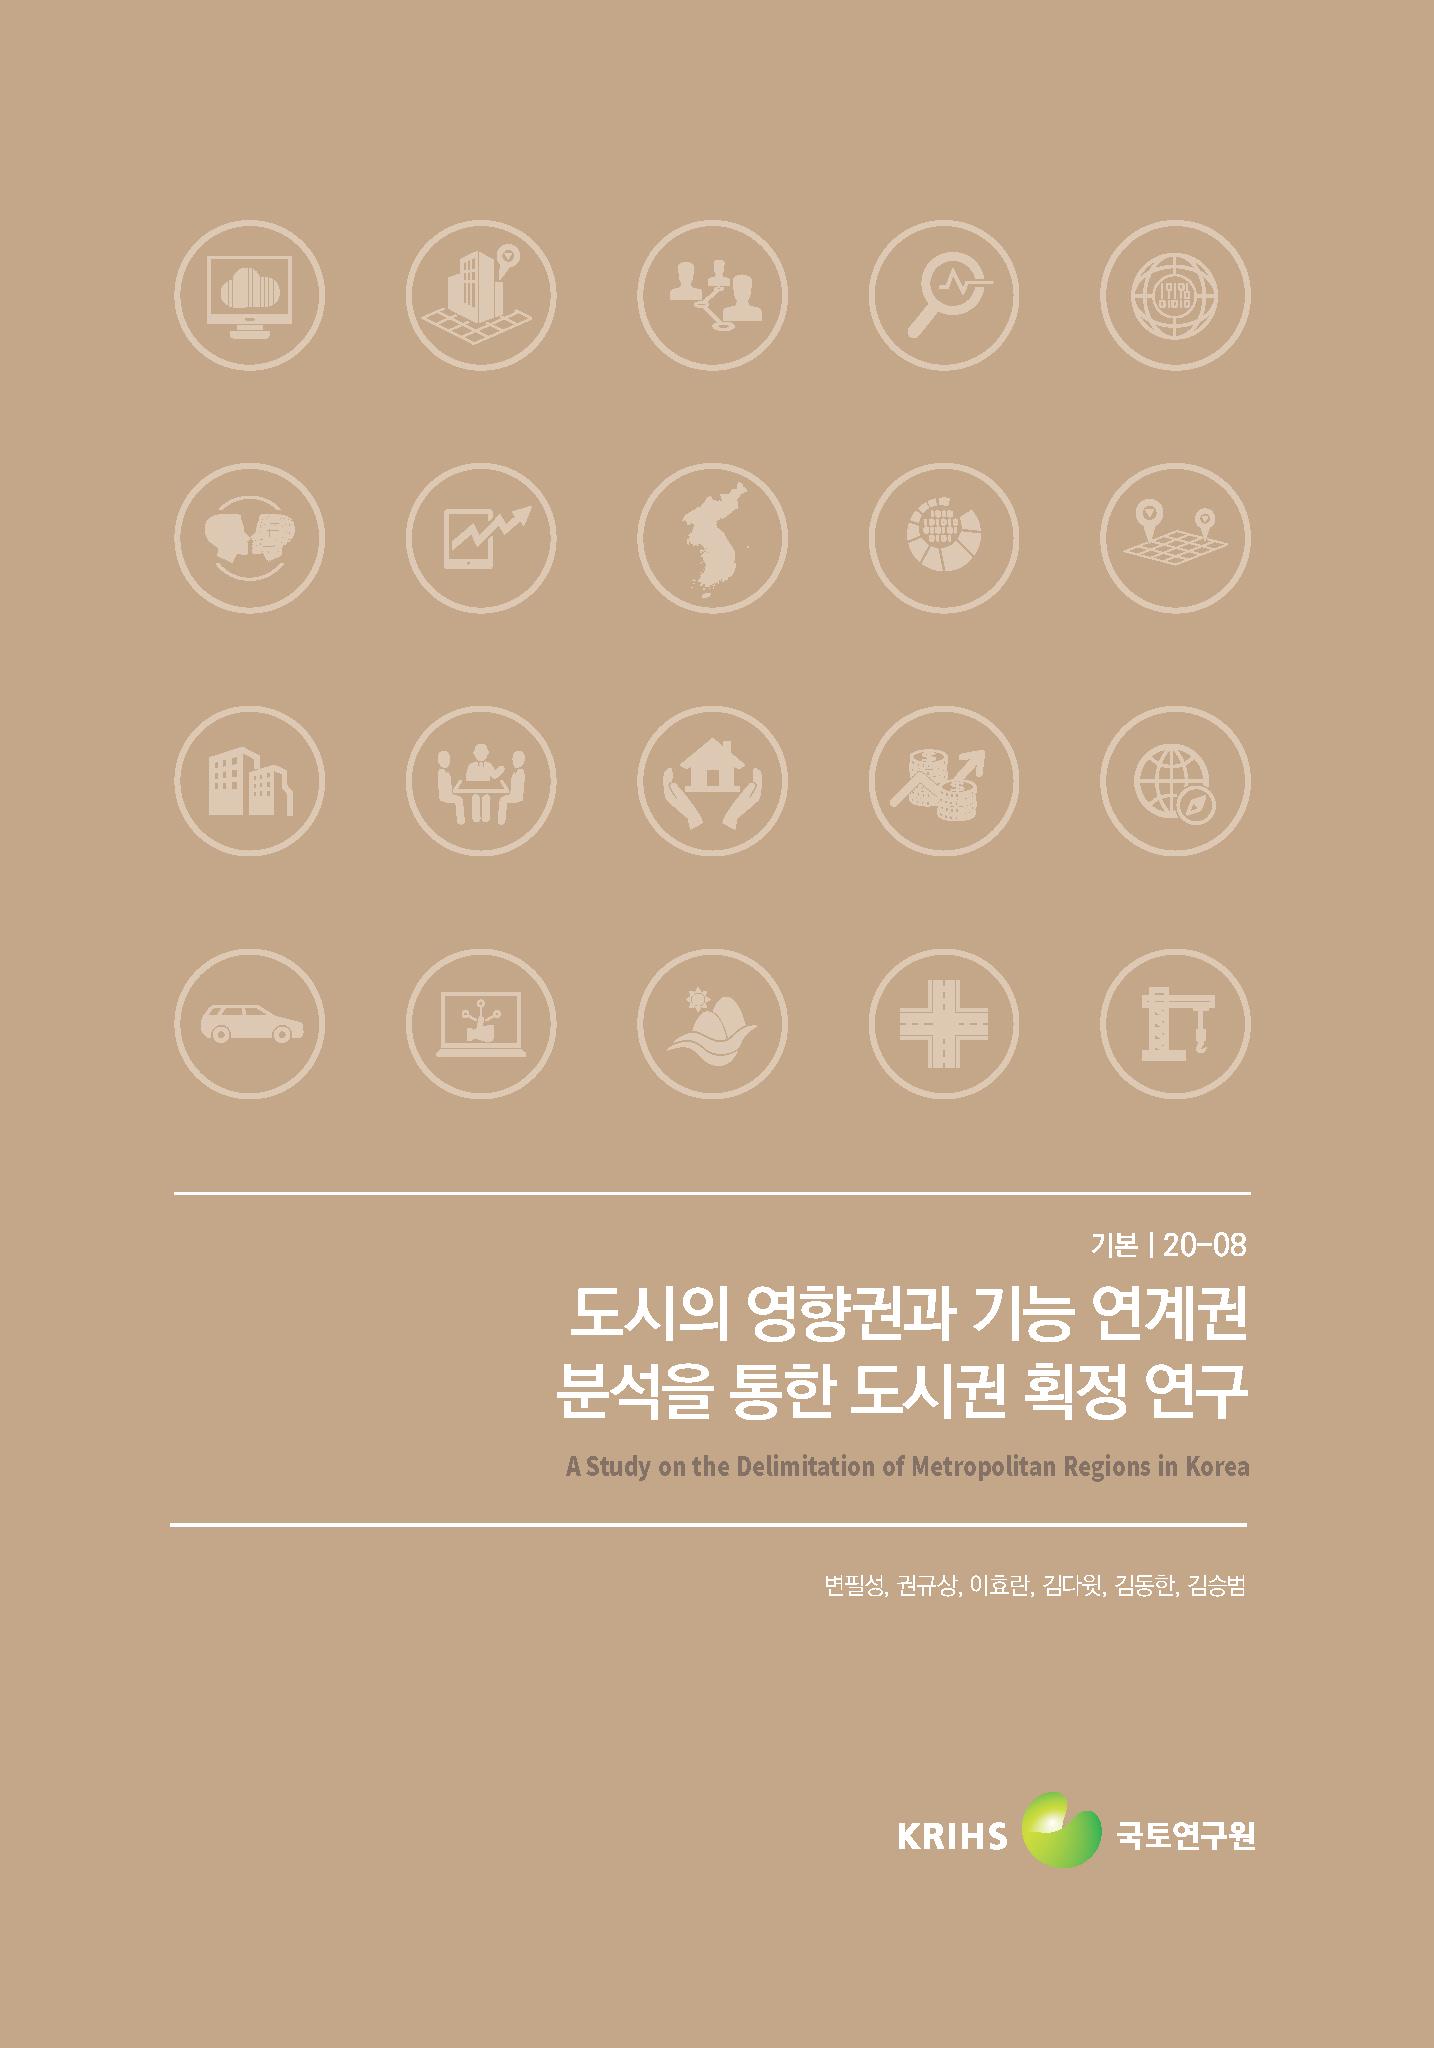 도시의 영향권과 기능 연계권 분석을 통한 도시권 획정 연구표지